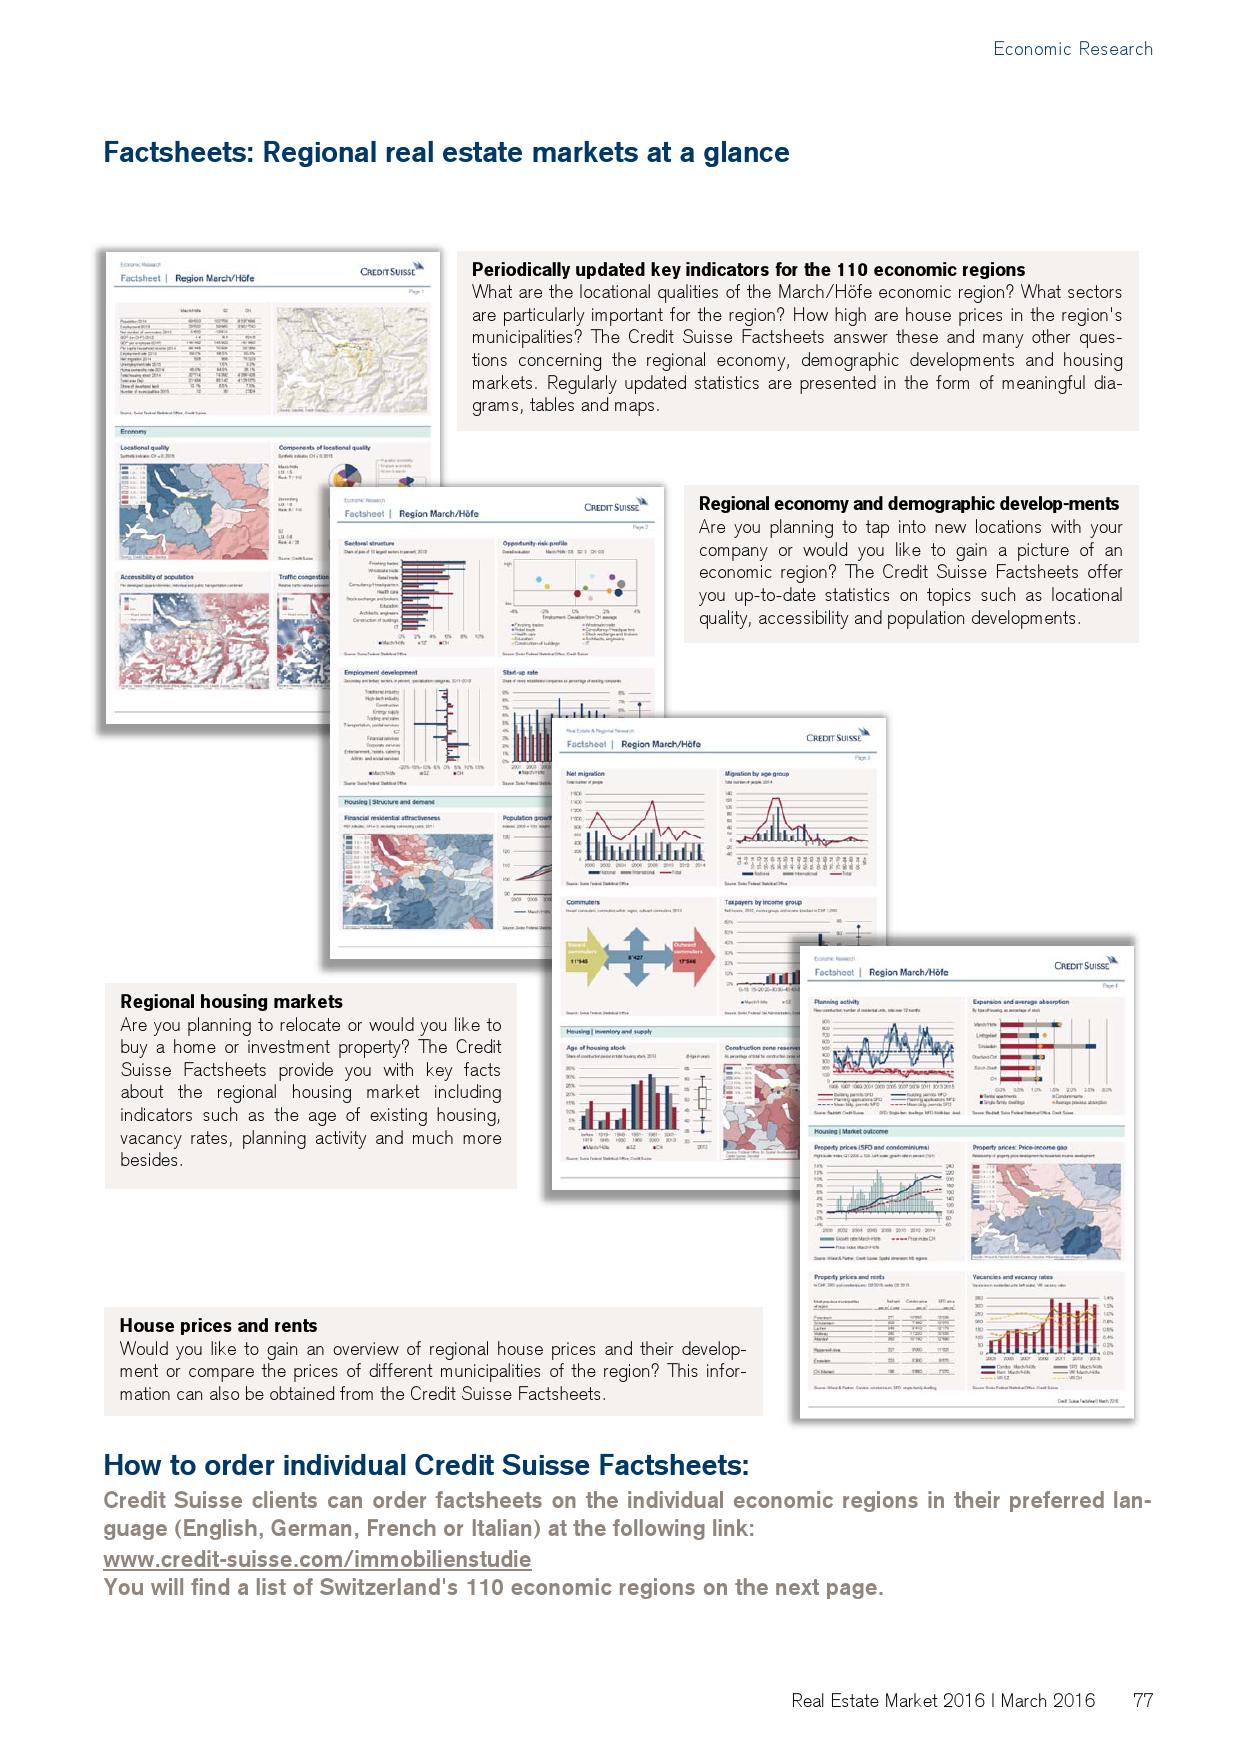 2016年瑞士房地产市场研究报告_000077